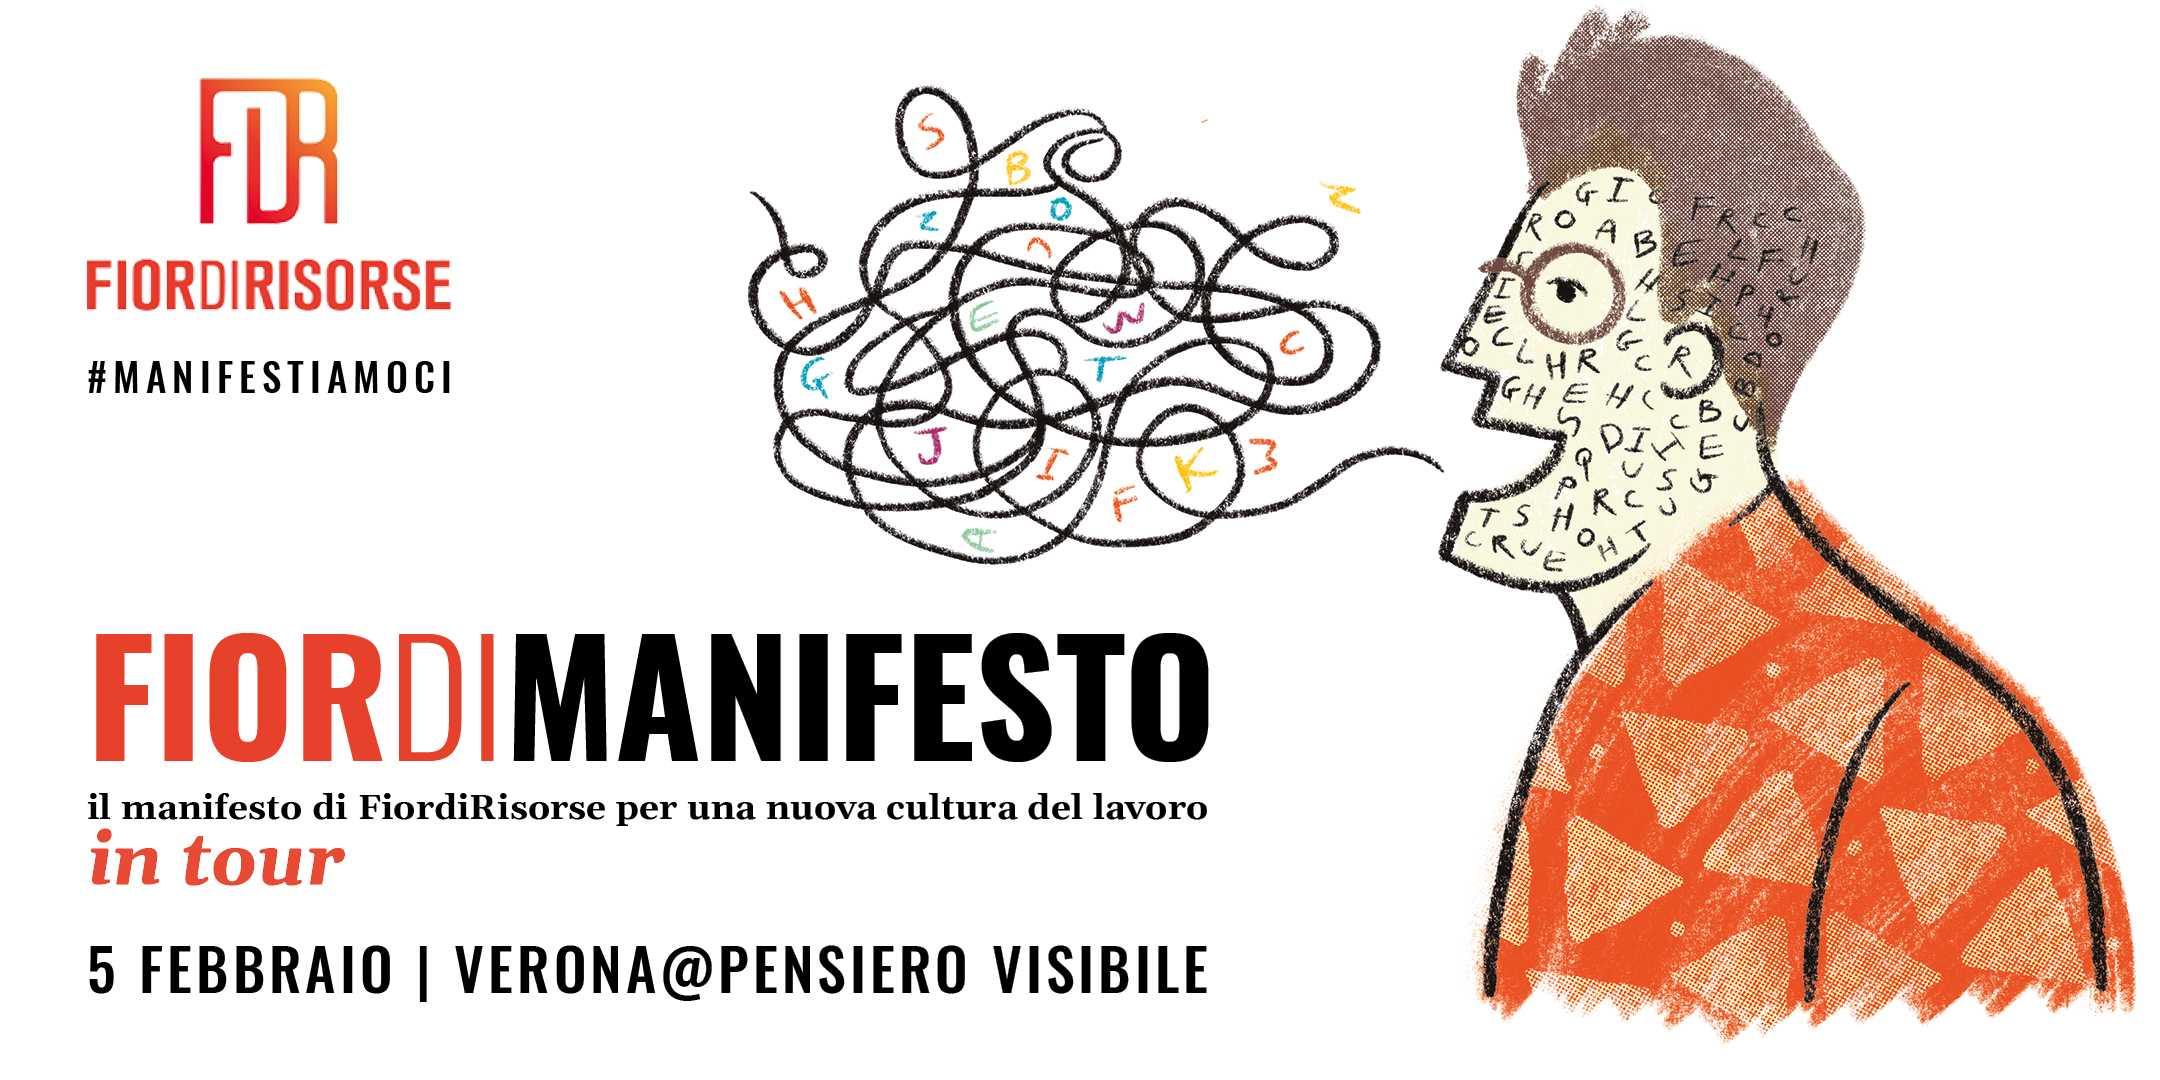 FiordiRisorse - il manifesto - Fiordimanifesto